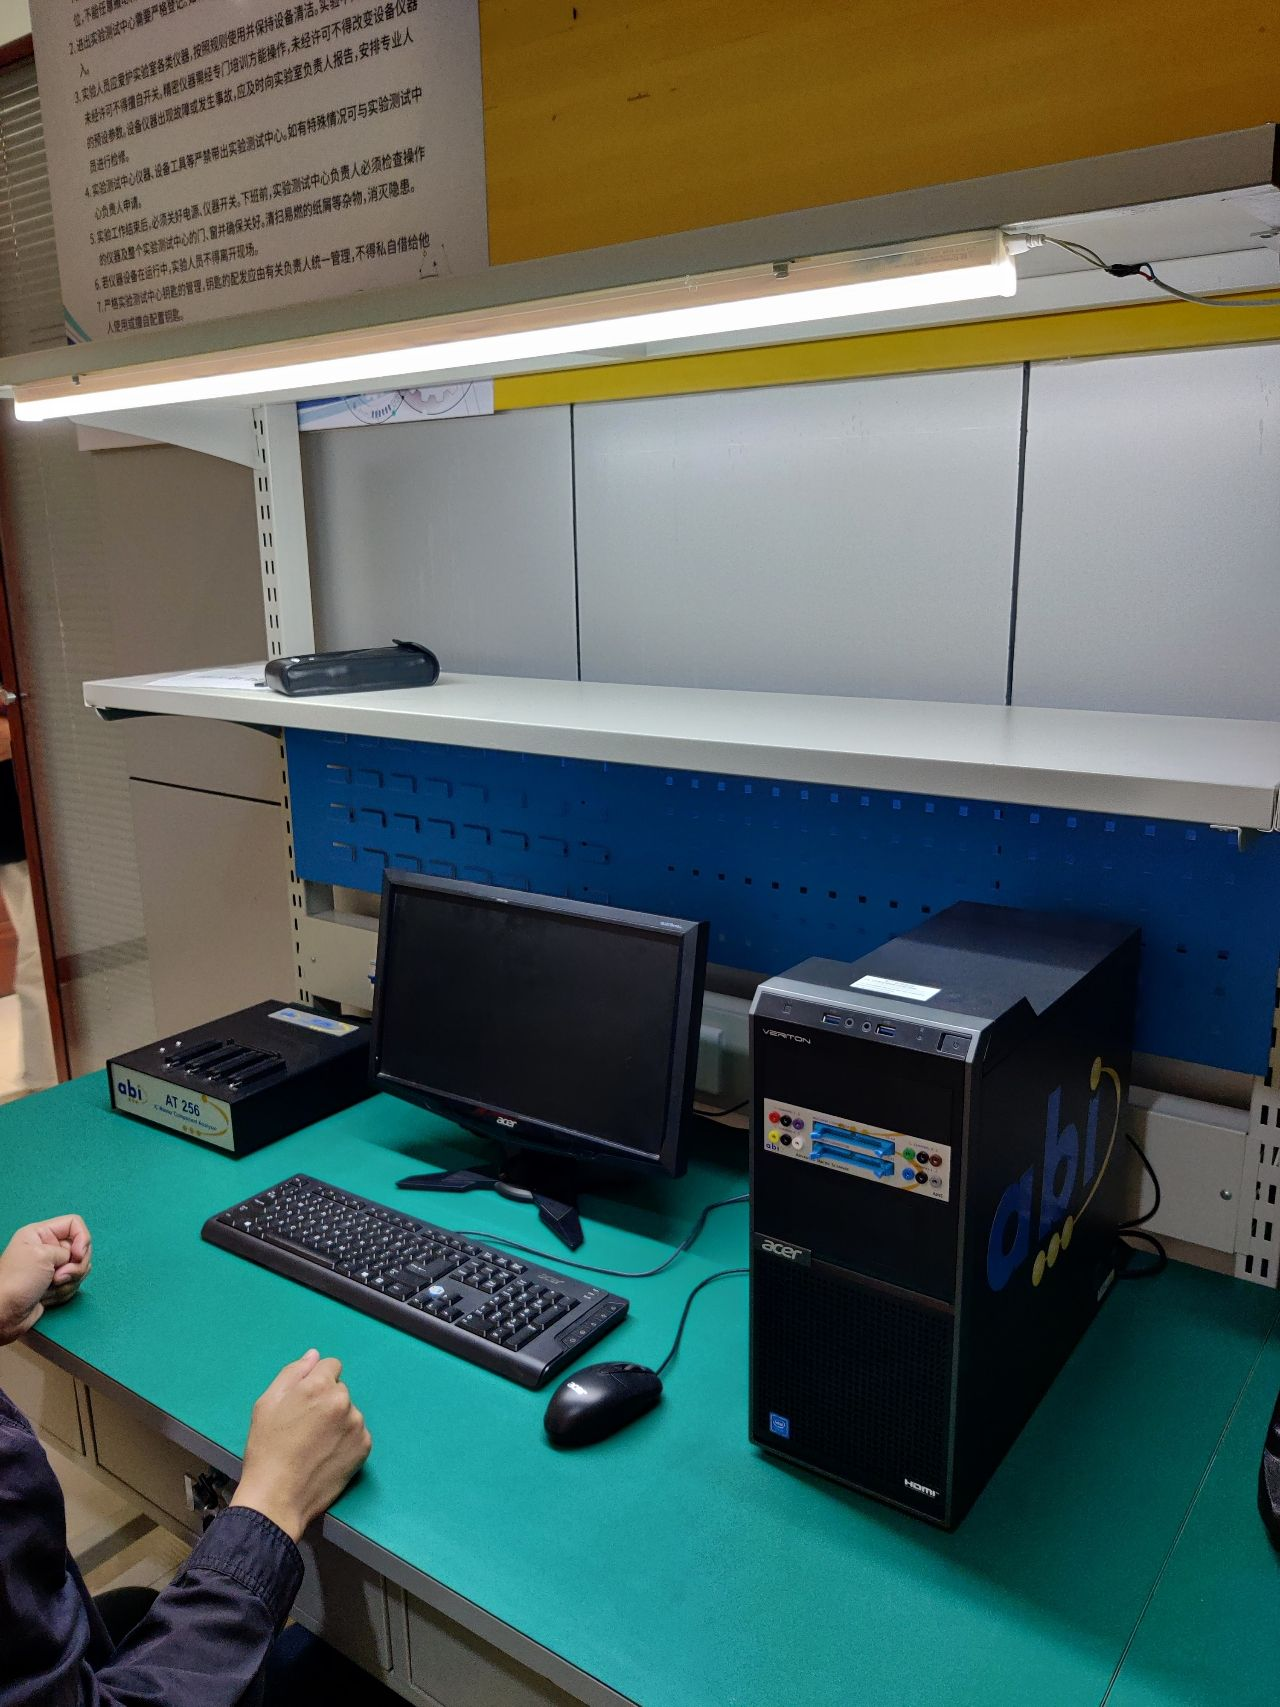 上工富怡智能制造(天津)有限公司已购买英国abi-3400电路板故障检测仪设备